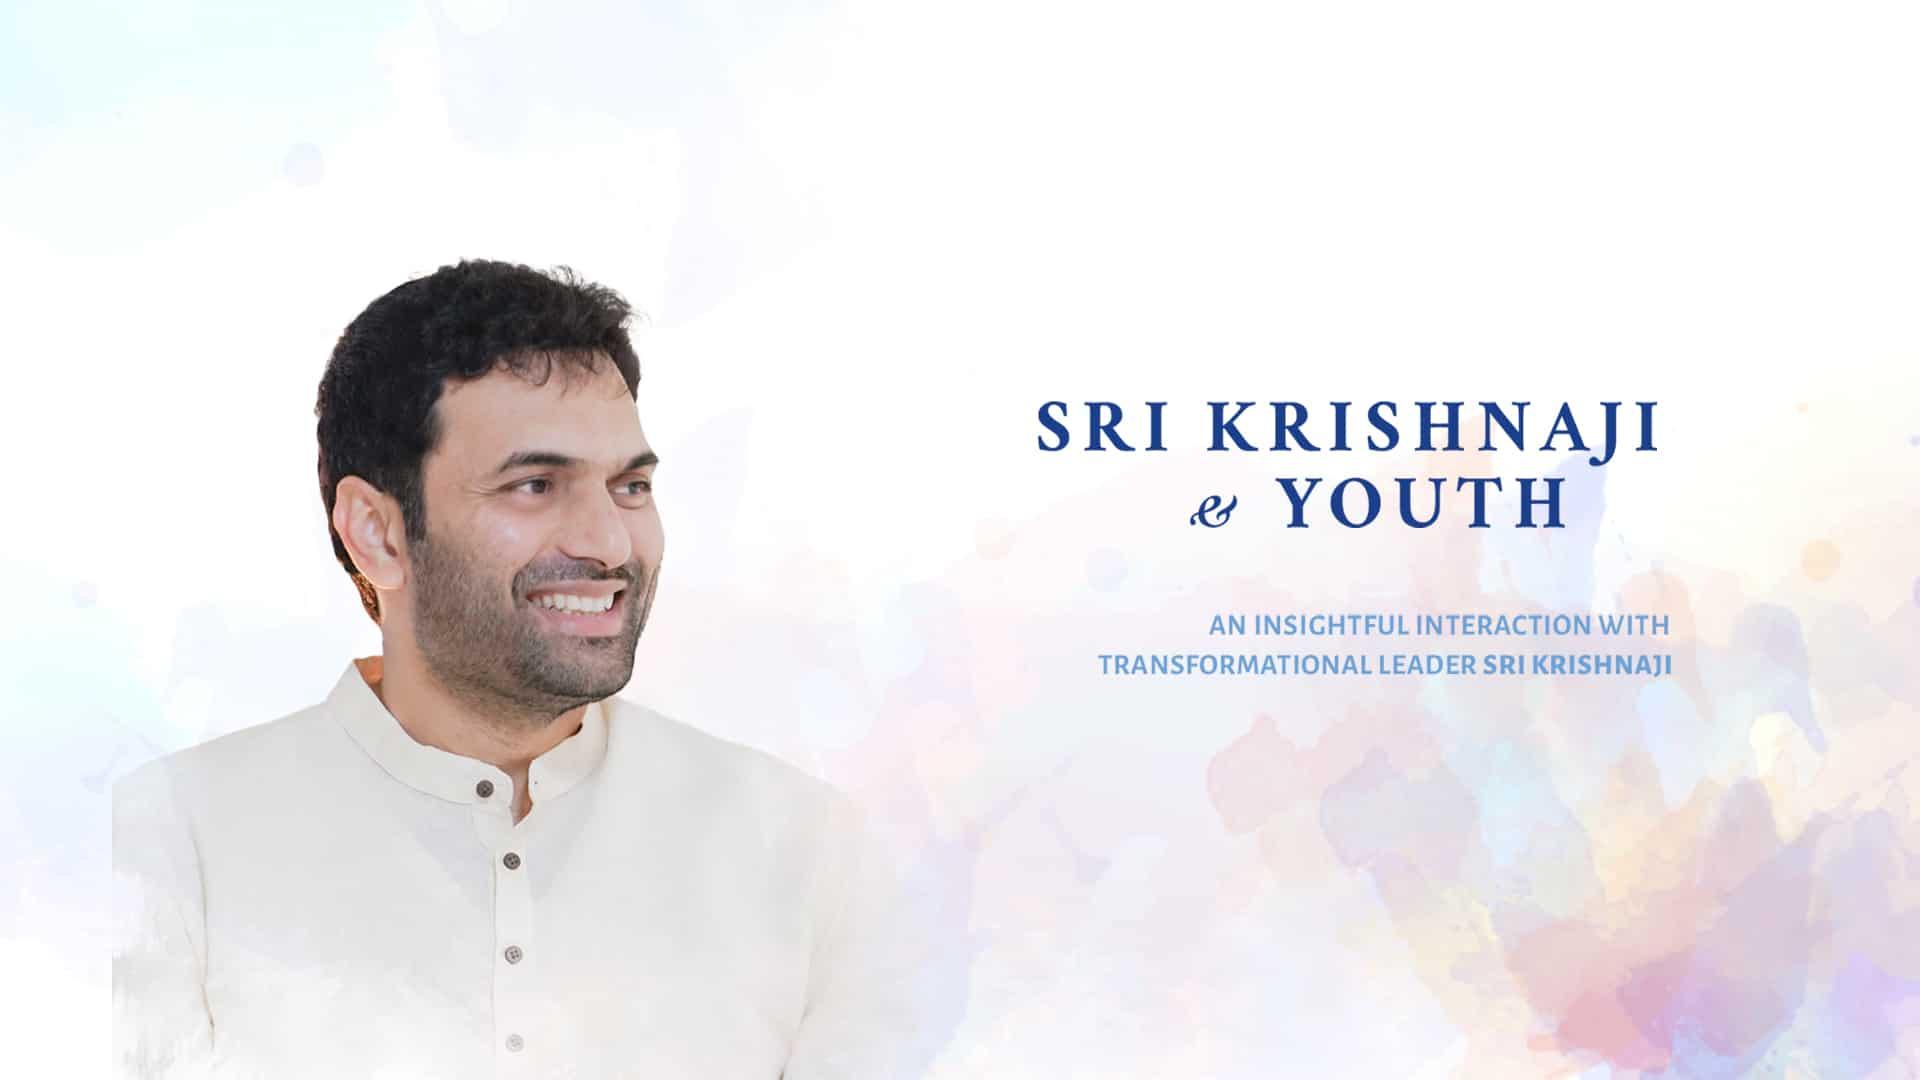 Sri Krishnaji & Youth